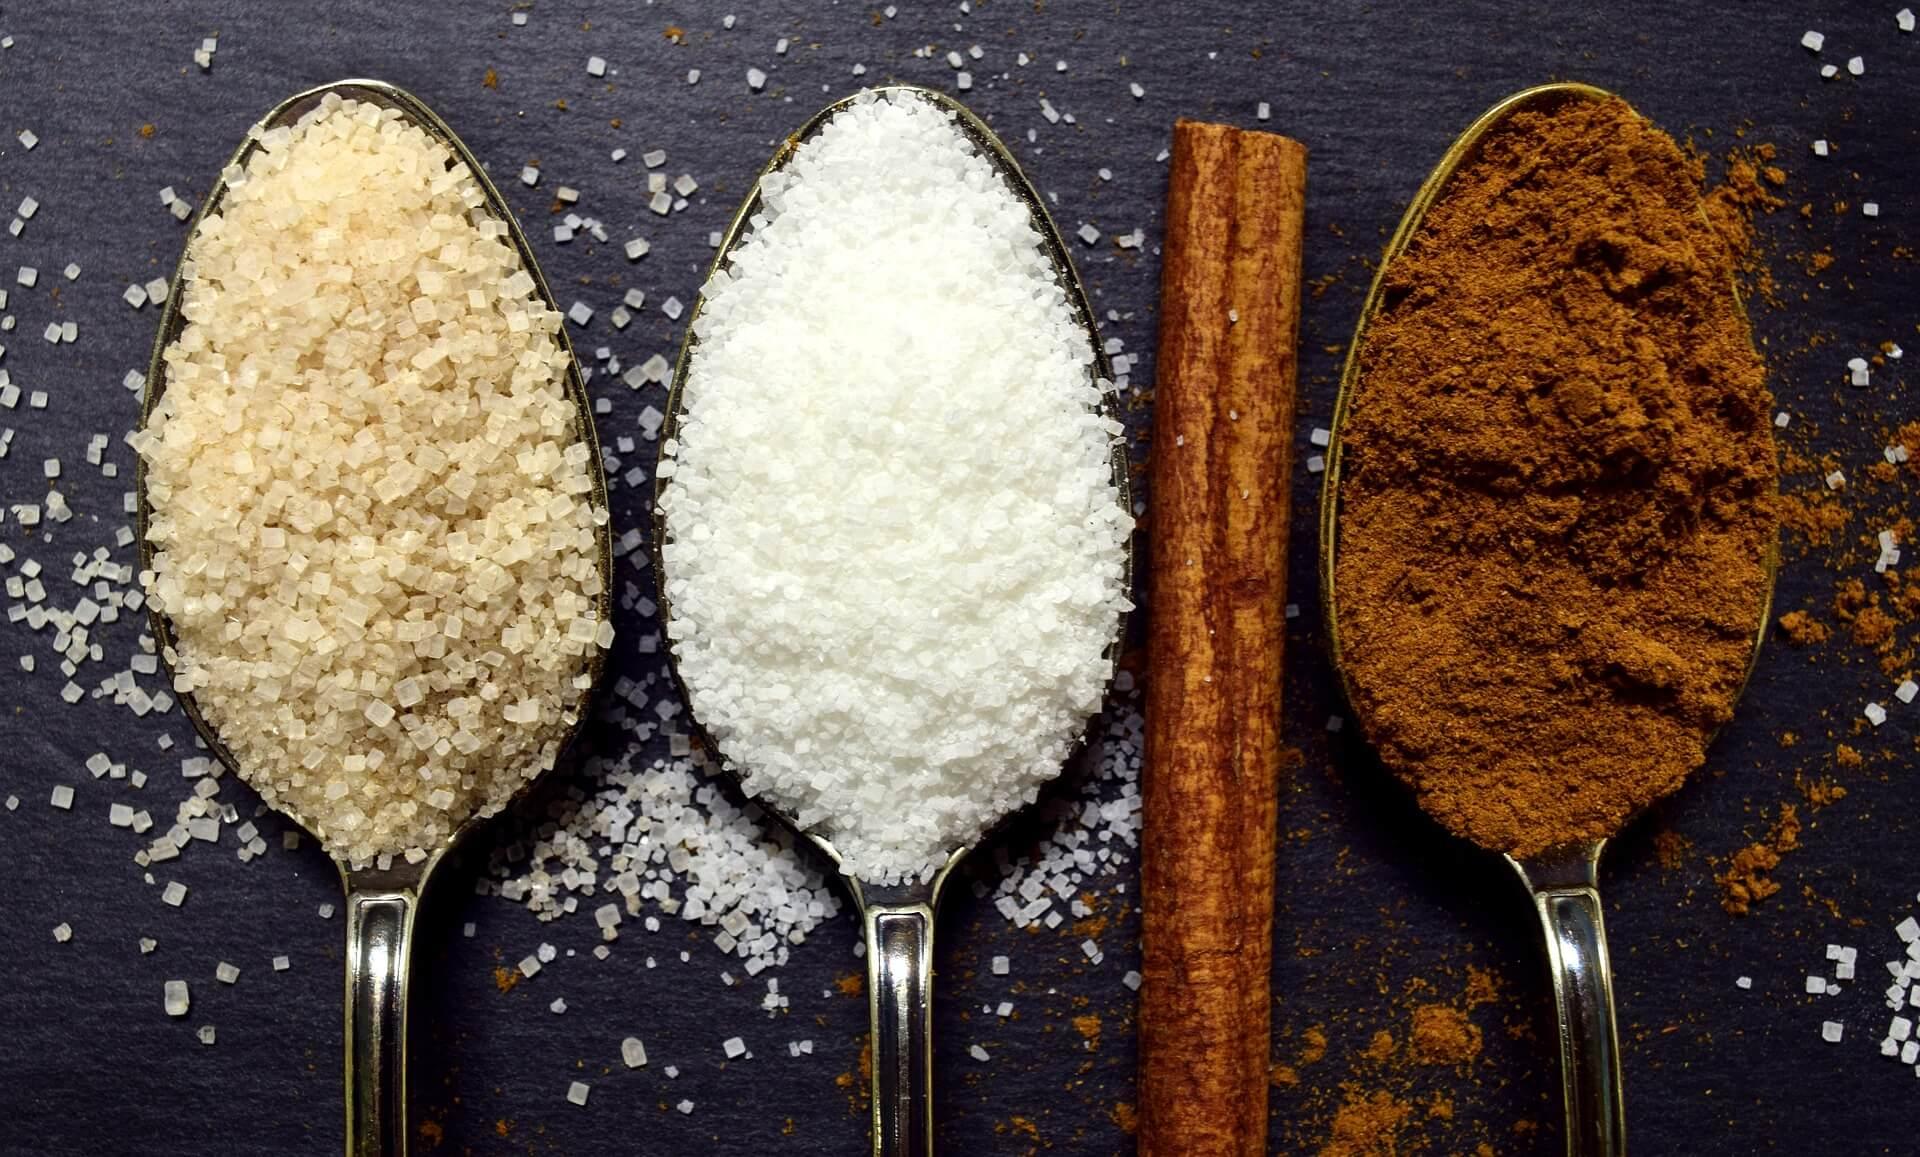 exceso de azúcar en la dieta